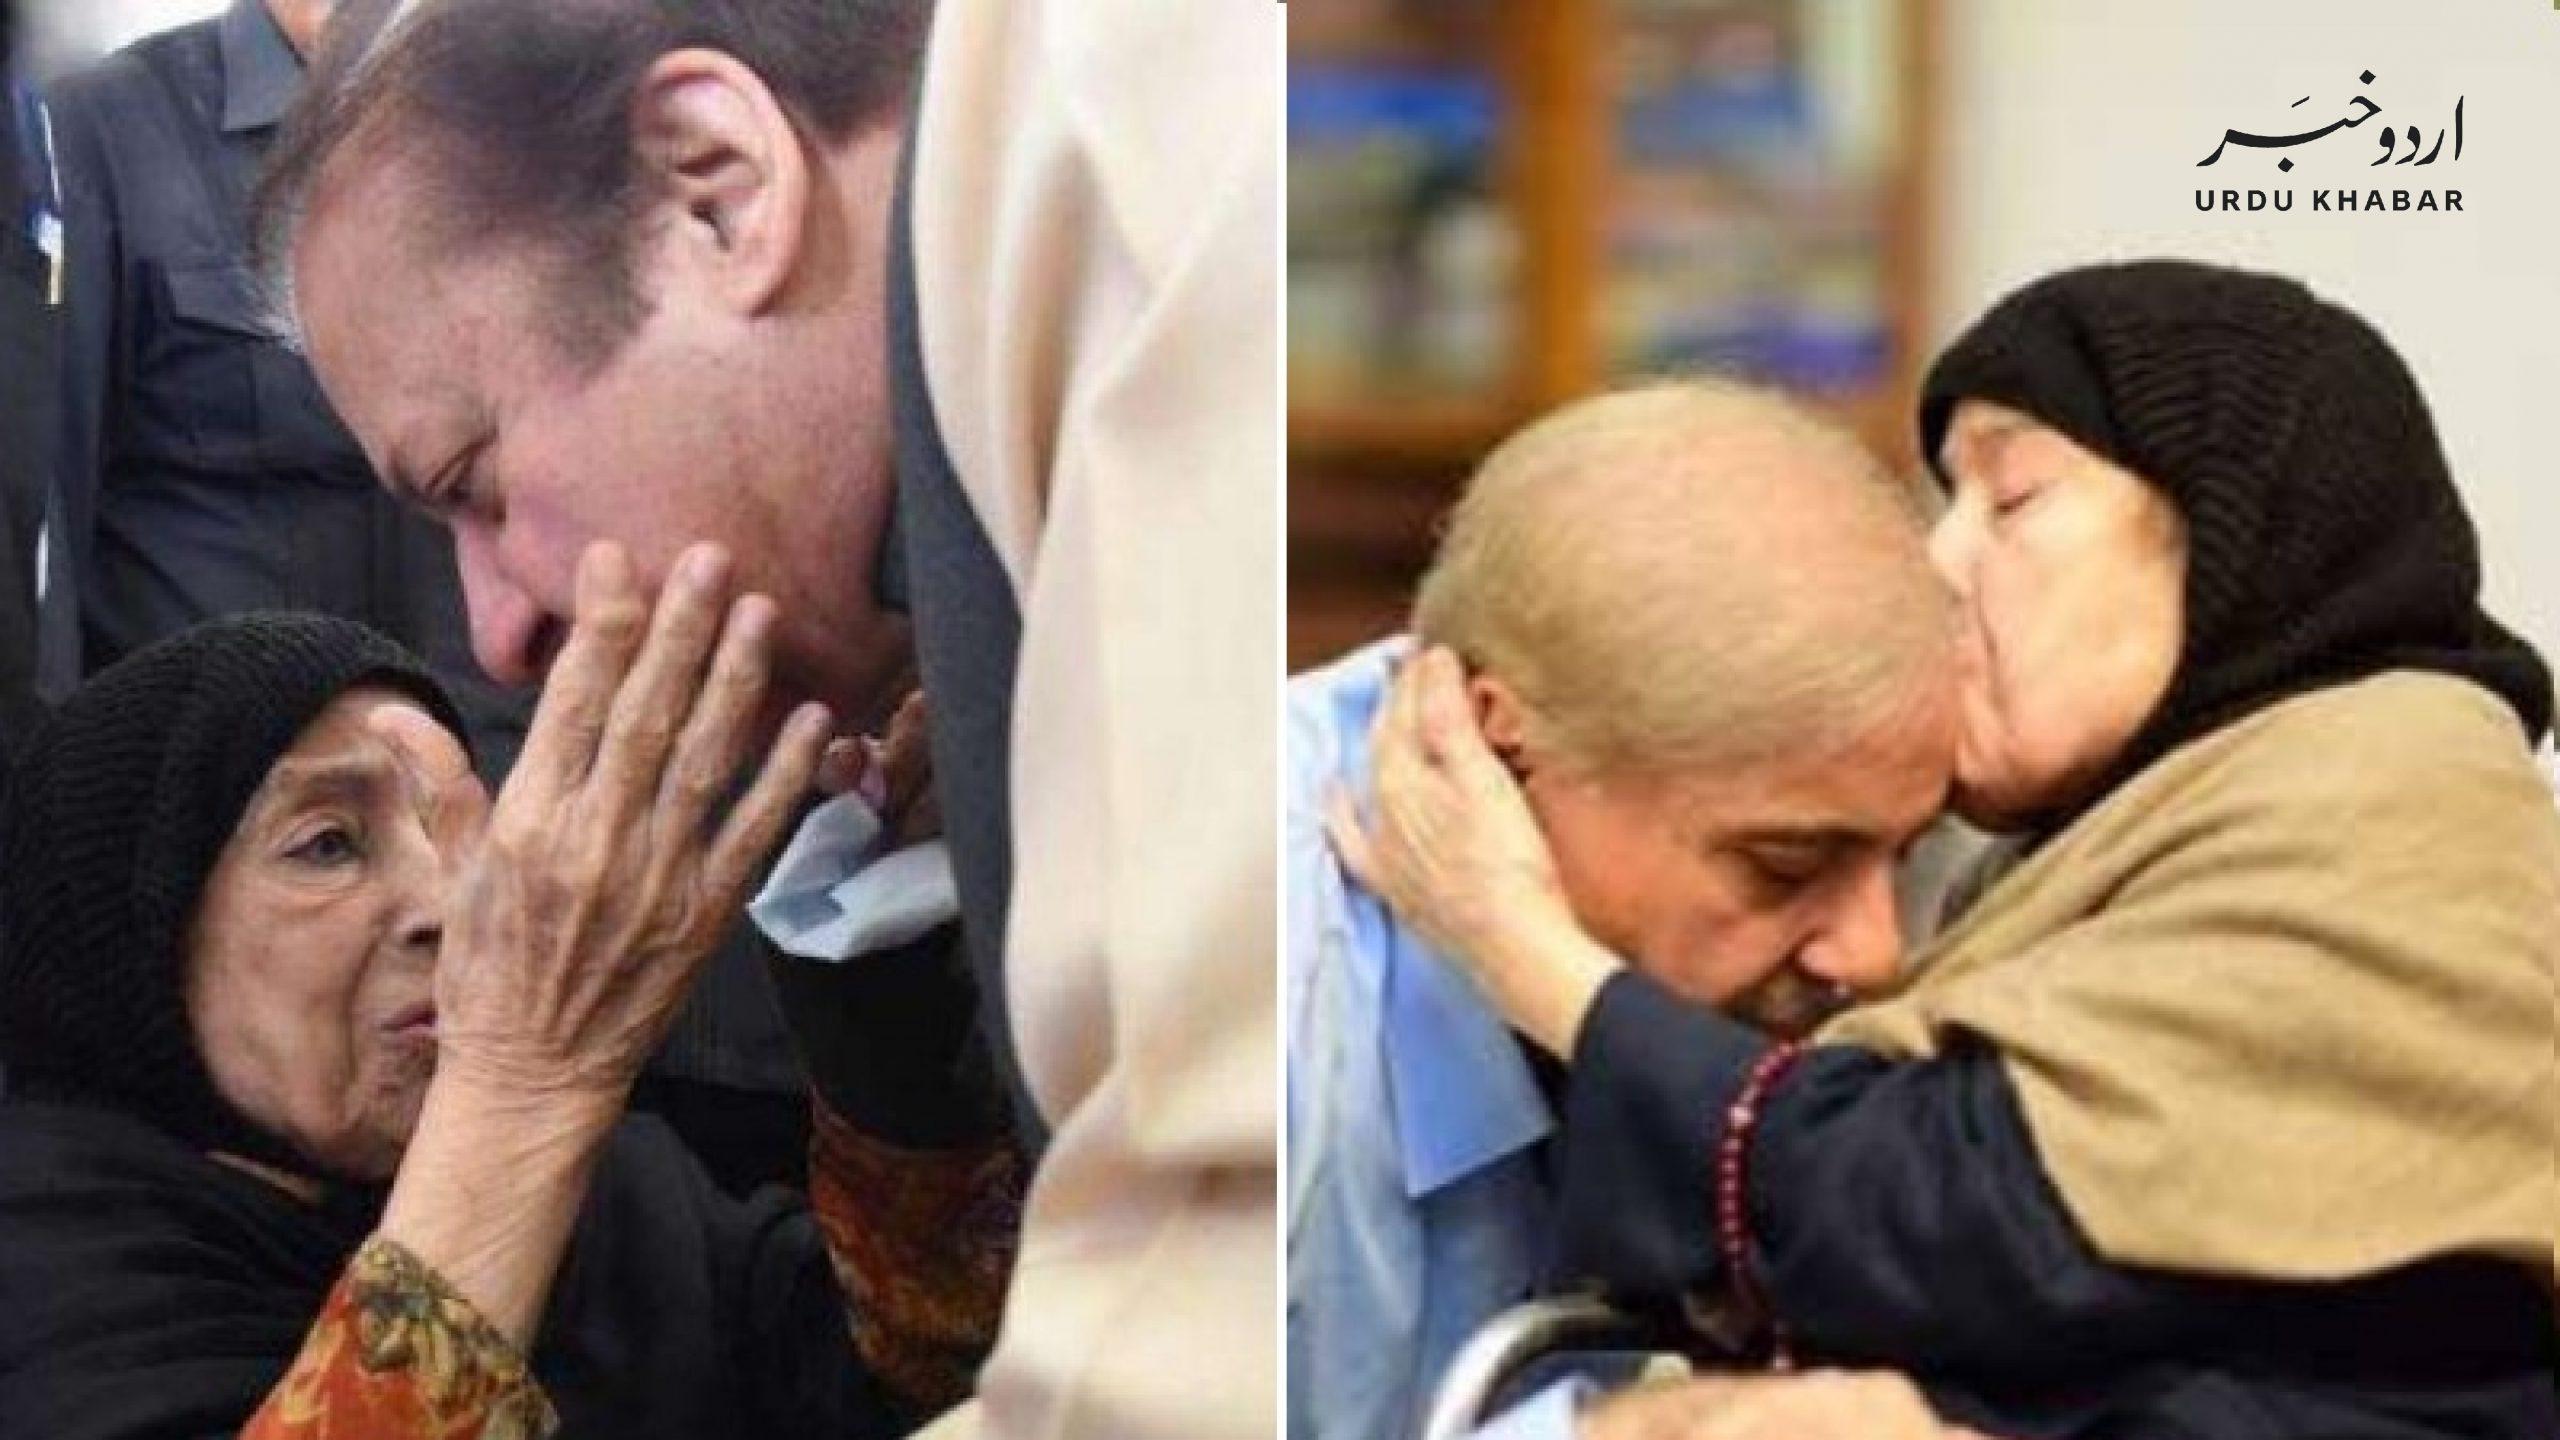 نواز شریف کی والدہ کا انتقال، نوازشریف لندن میں ہی آخری رسومات ادا کریں گے